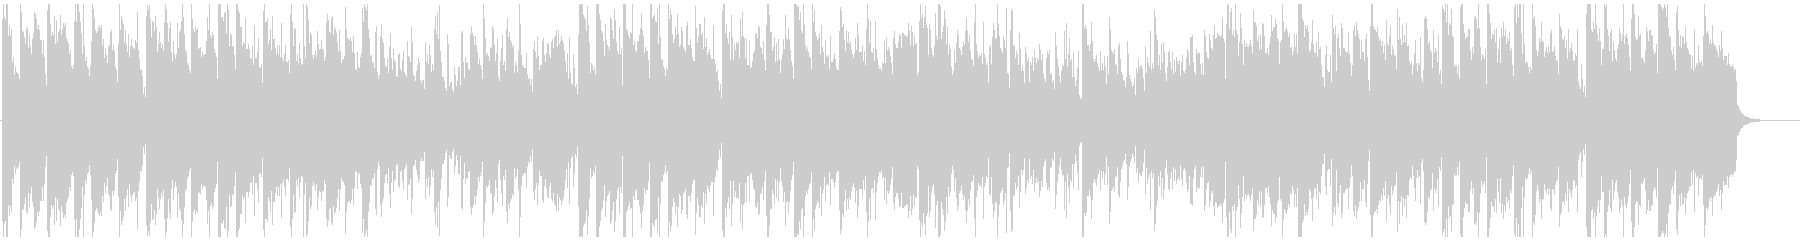 フレッシュなドラムンベース×生音系ジャズの未再生の波形